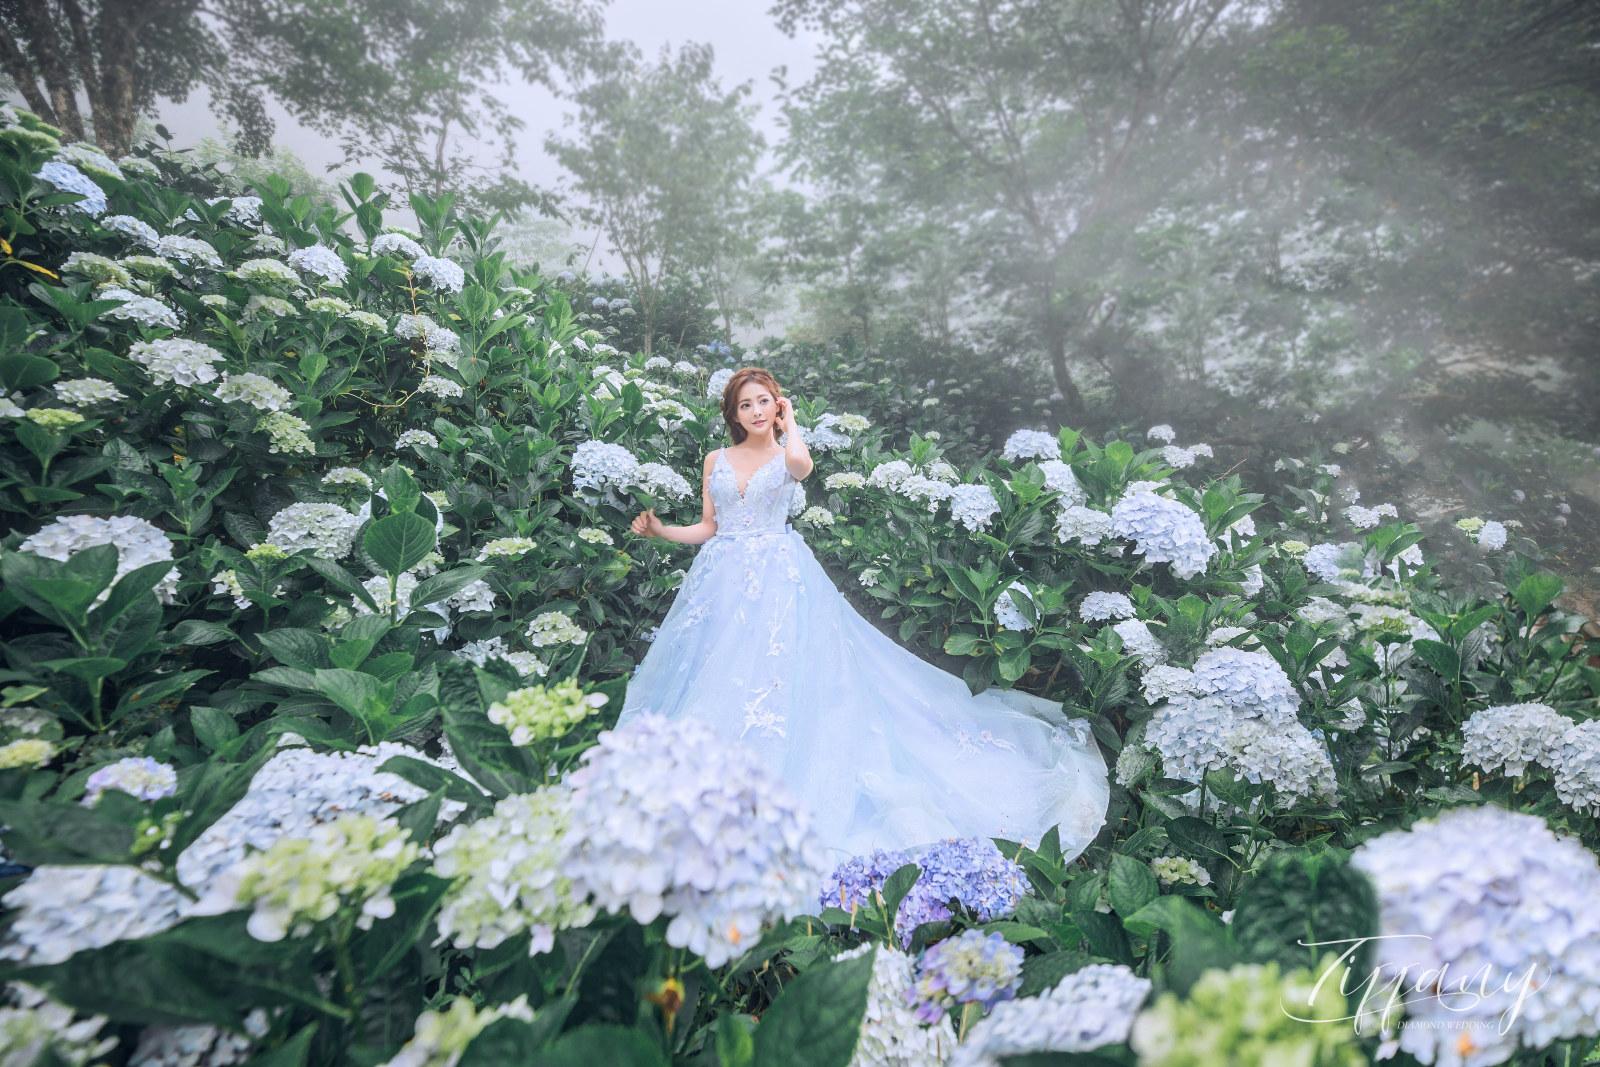 繡球花婚紗照 台中帝芬妮婚紗攝影